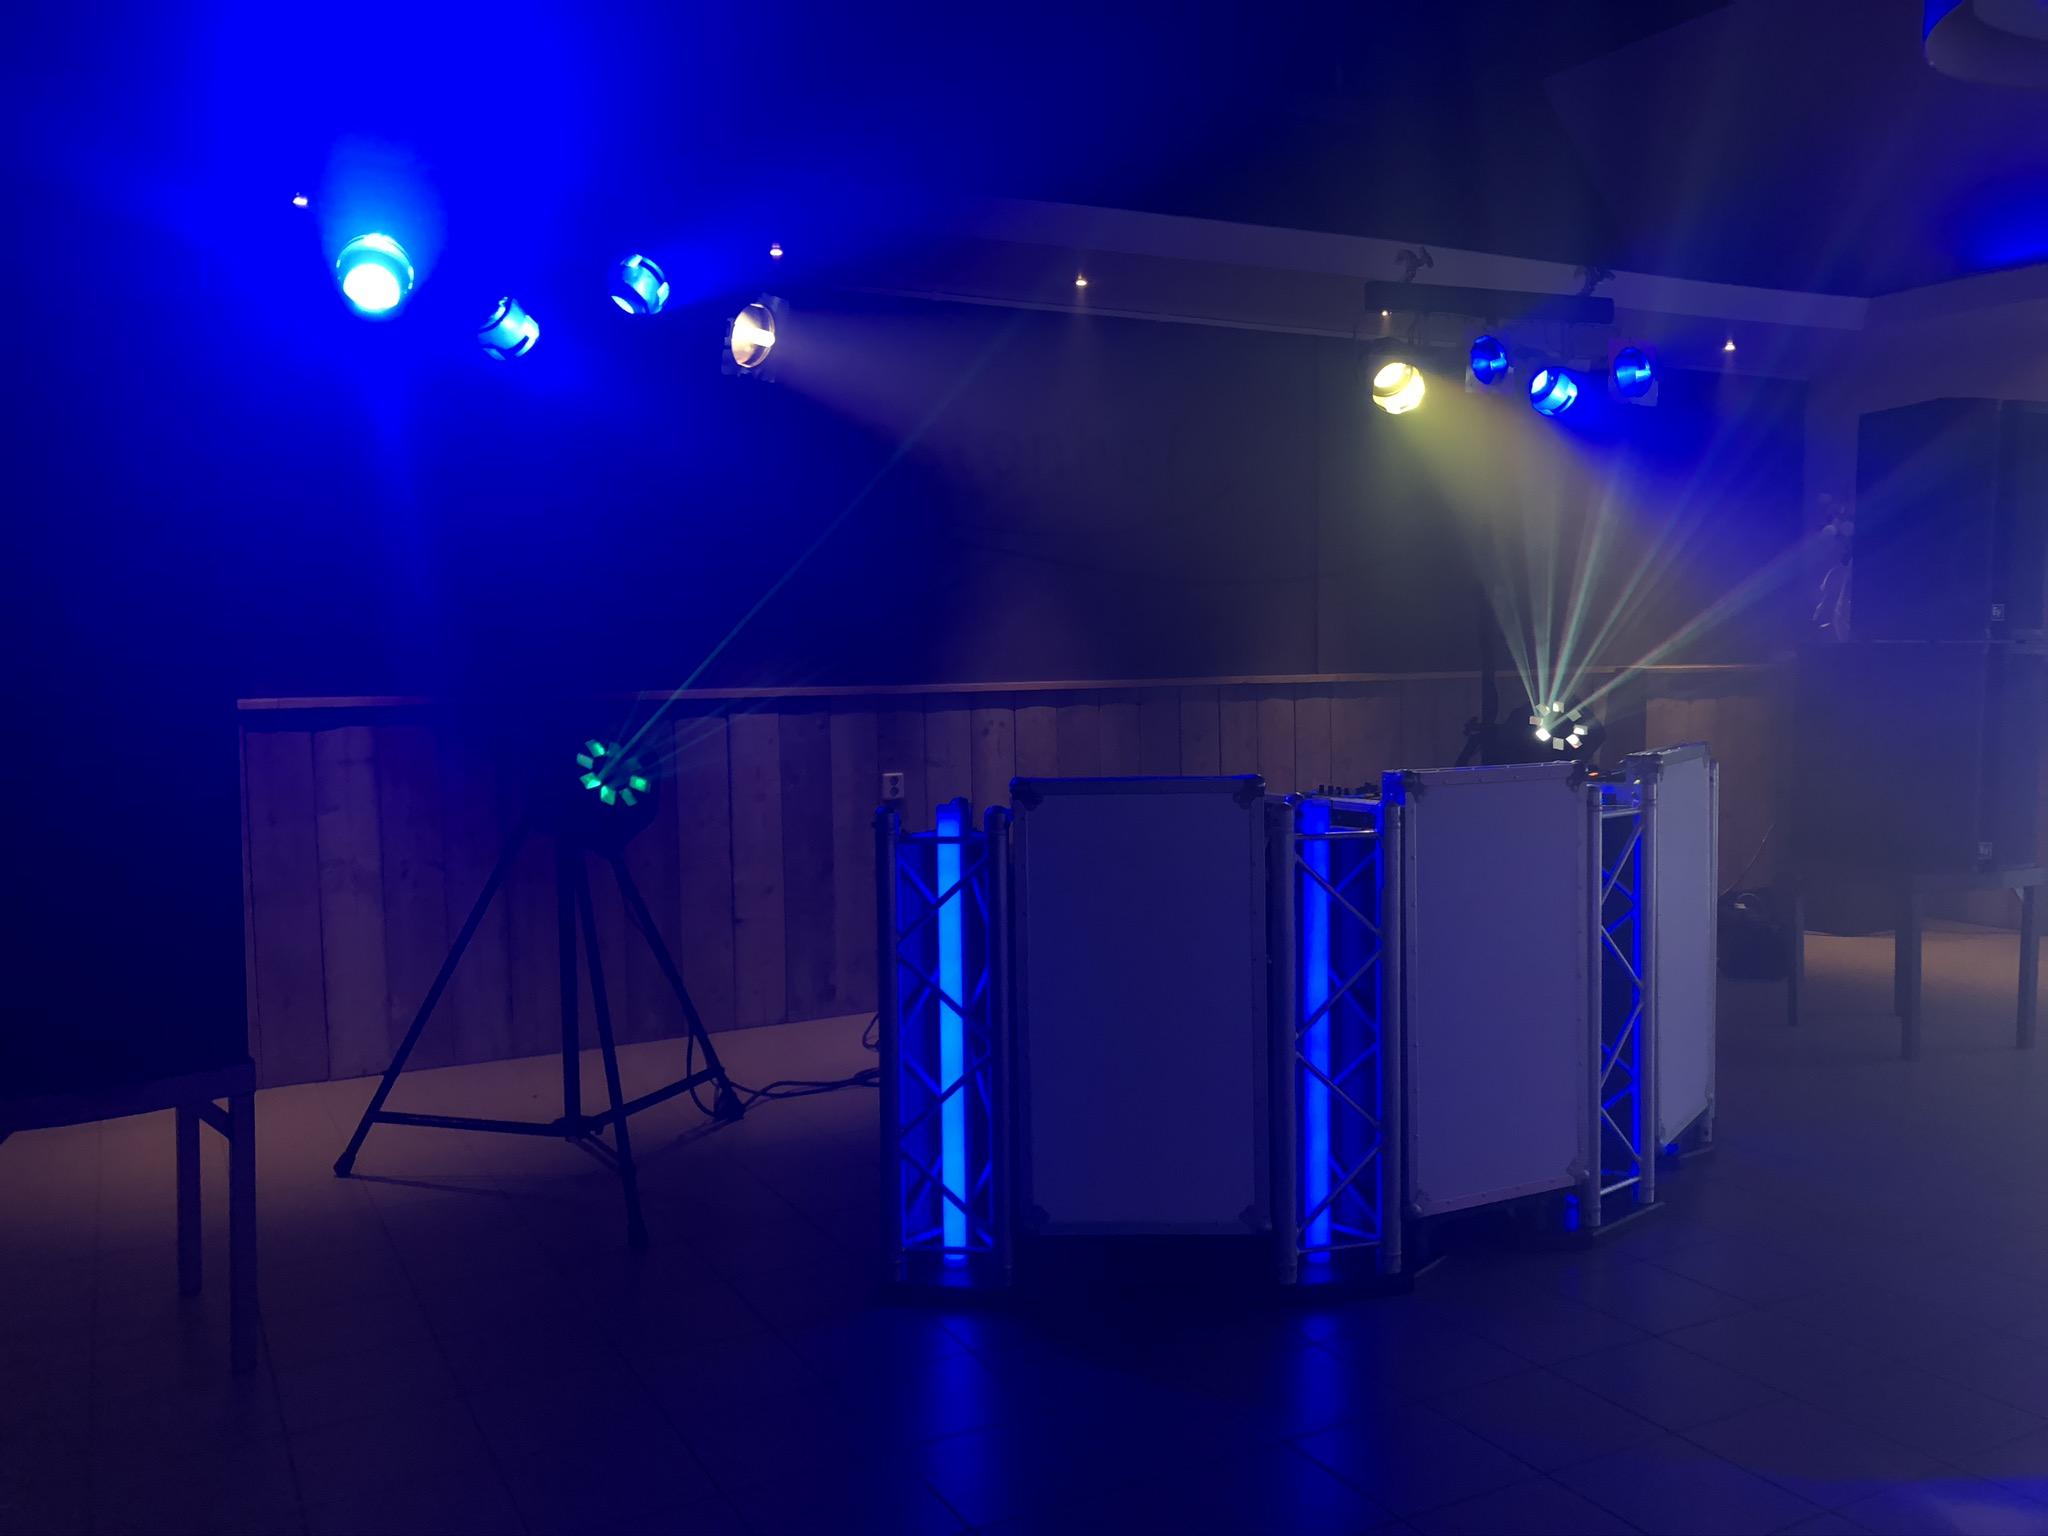 Star disco show 2